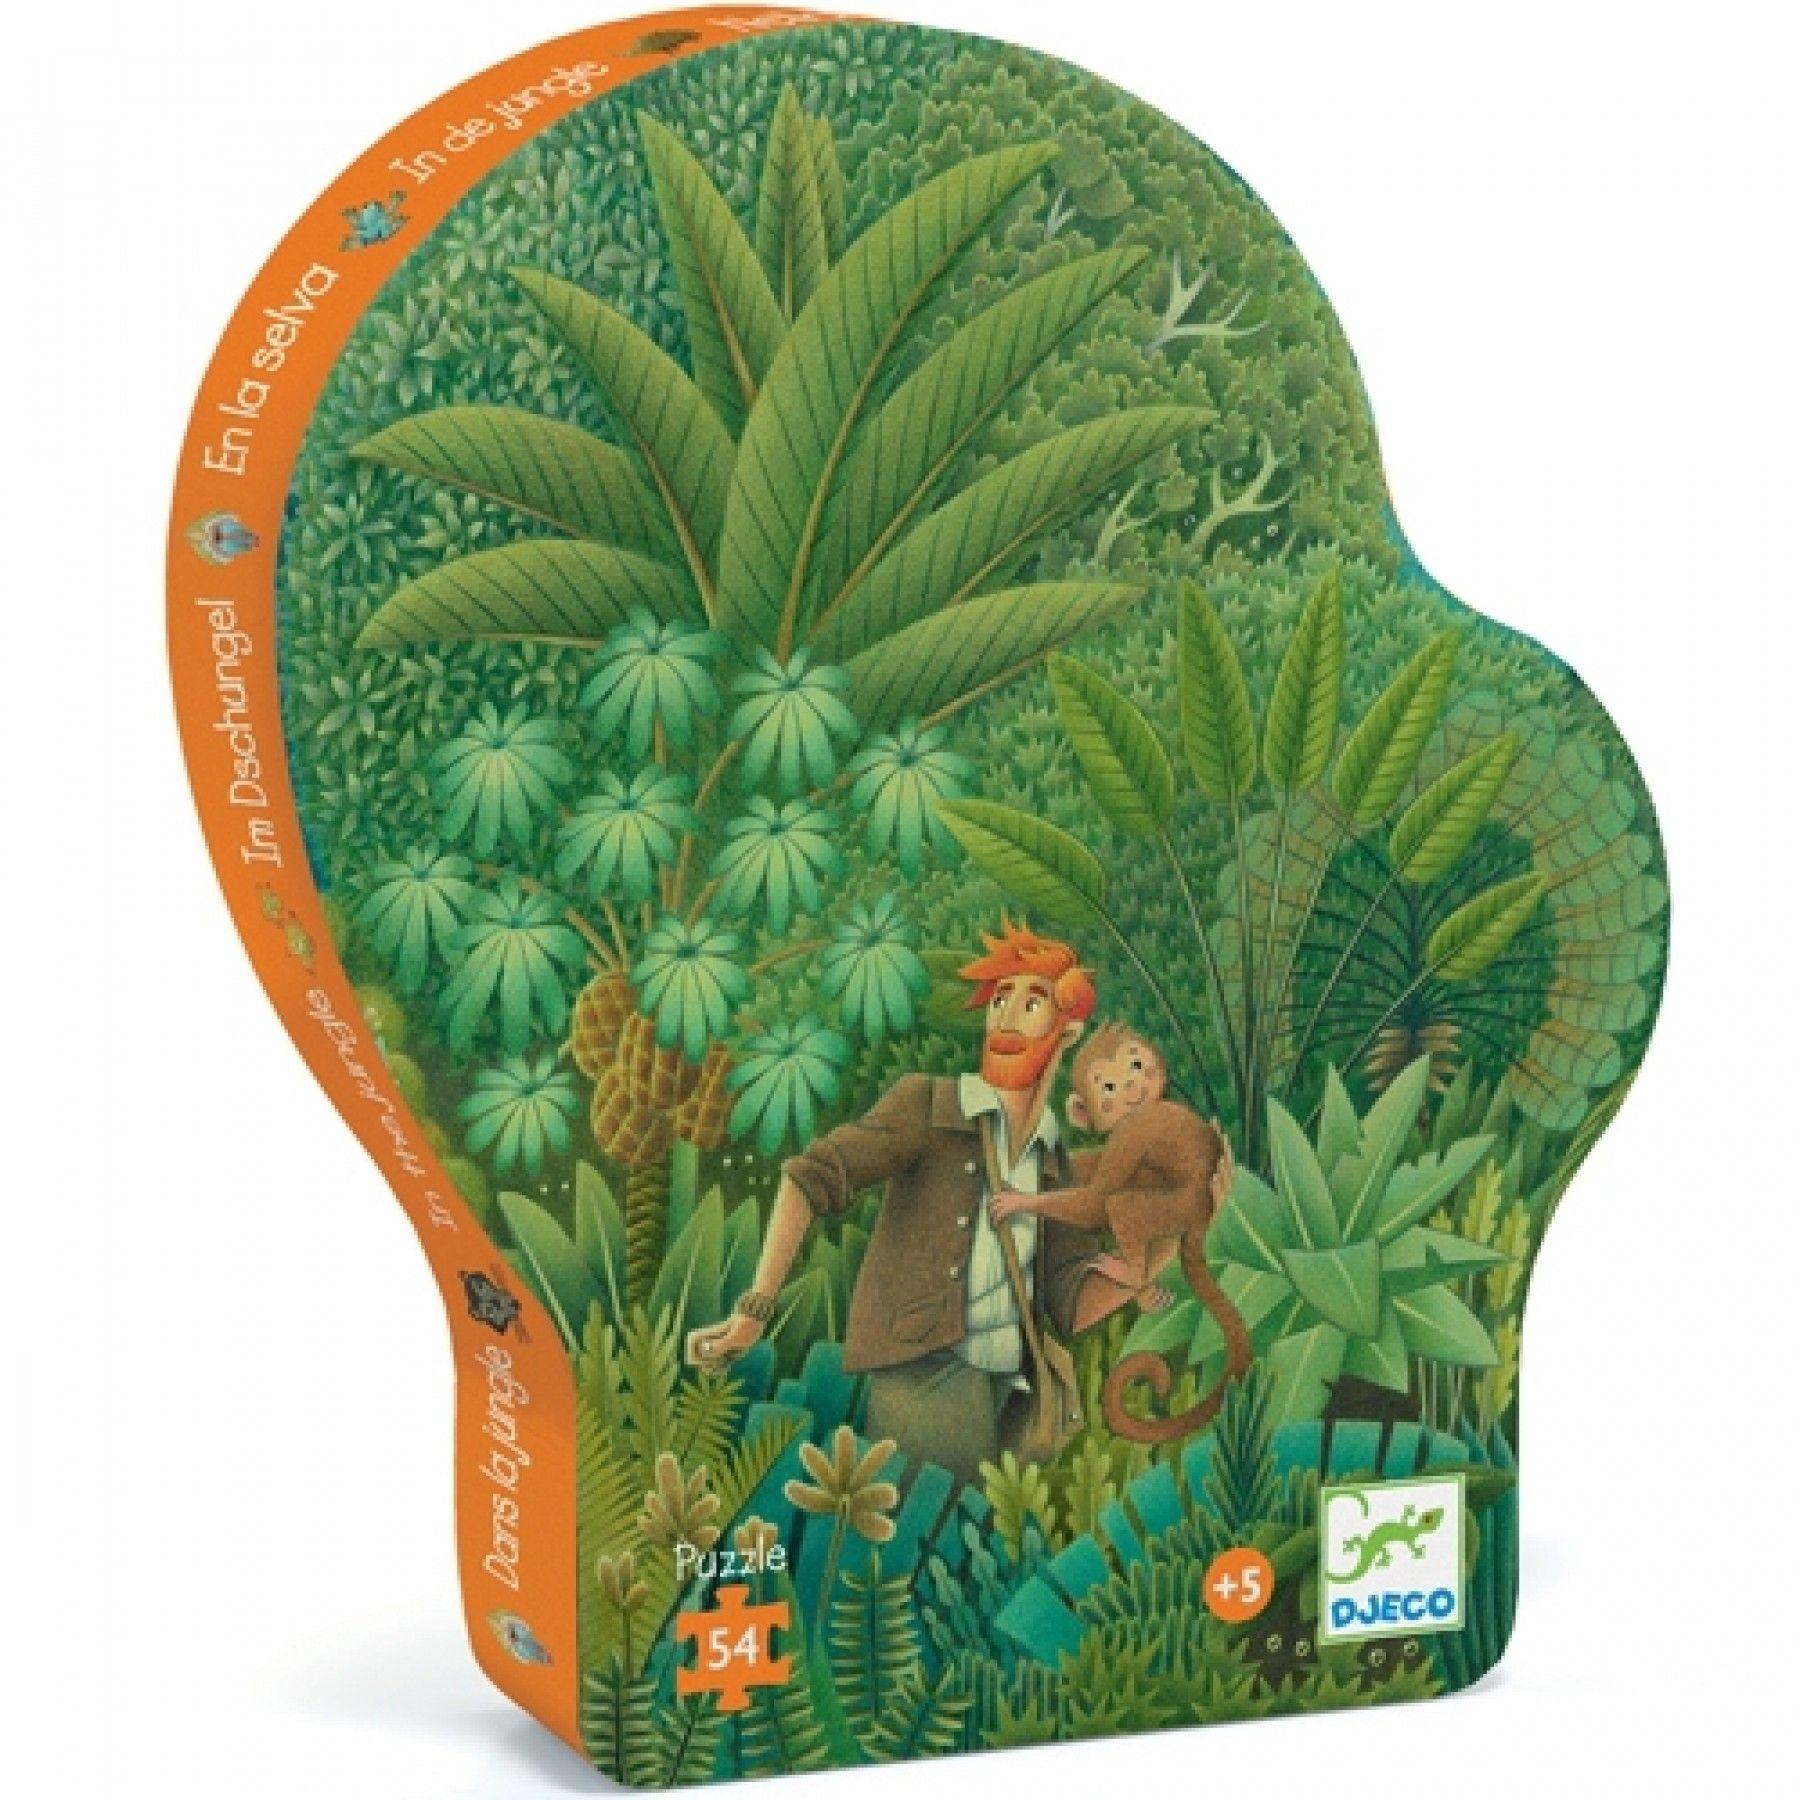 Djeco Djeco Puzzel - In de Jungle 54pcs 5y+